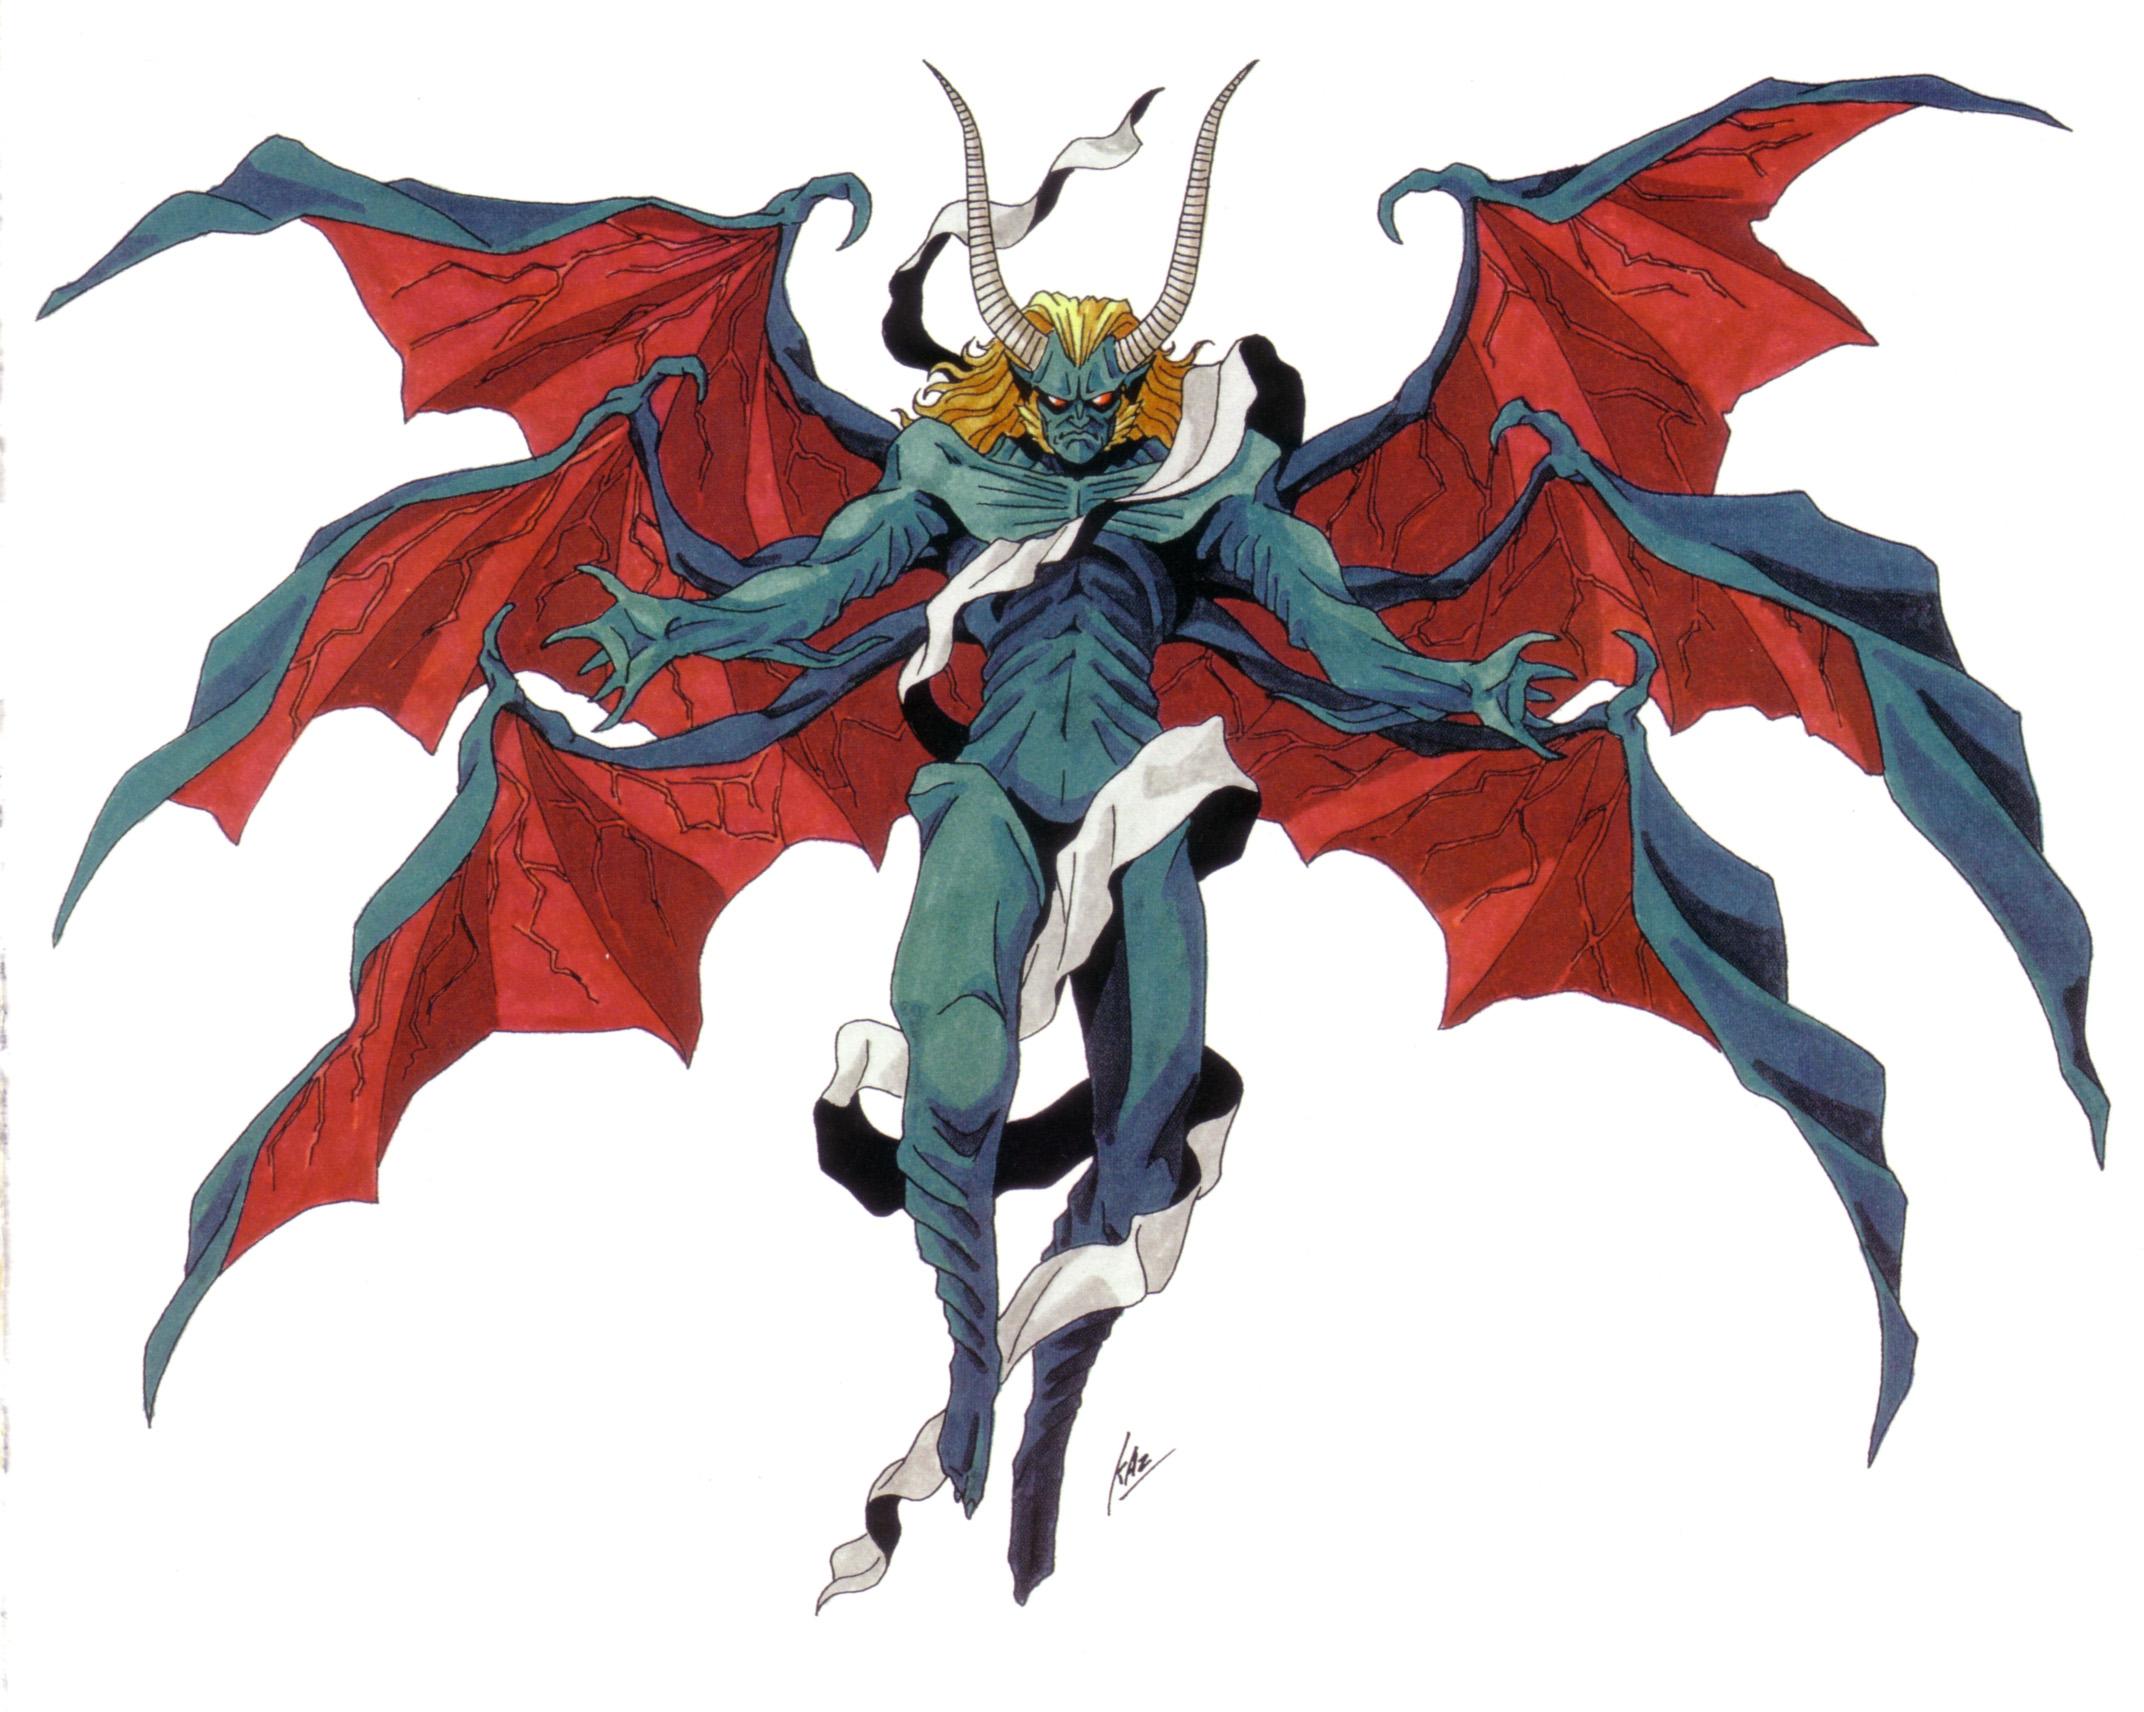 http://images.wikia.com/megamitensei/images/d/db/KazumaKaneko-Lucifer.jpg